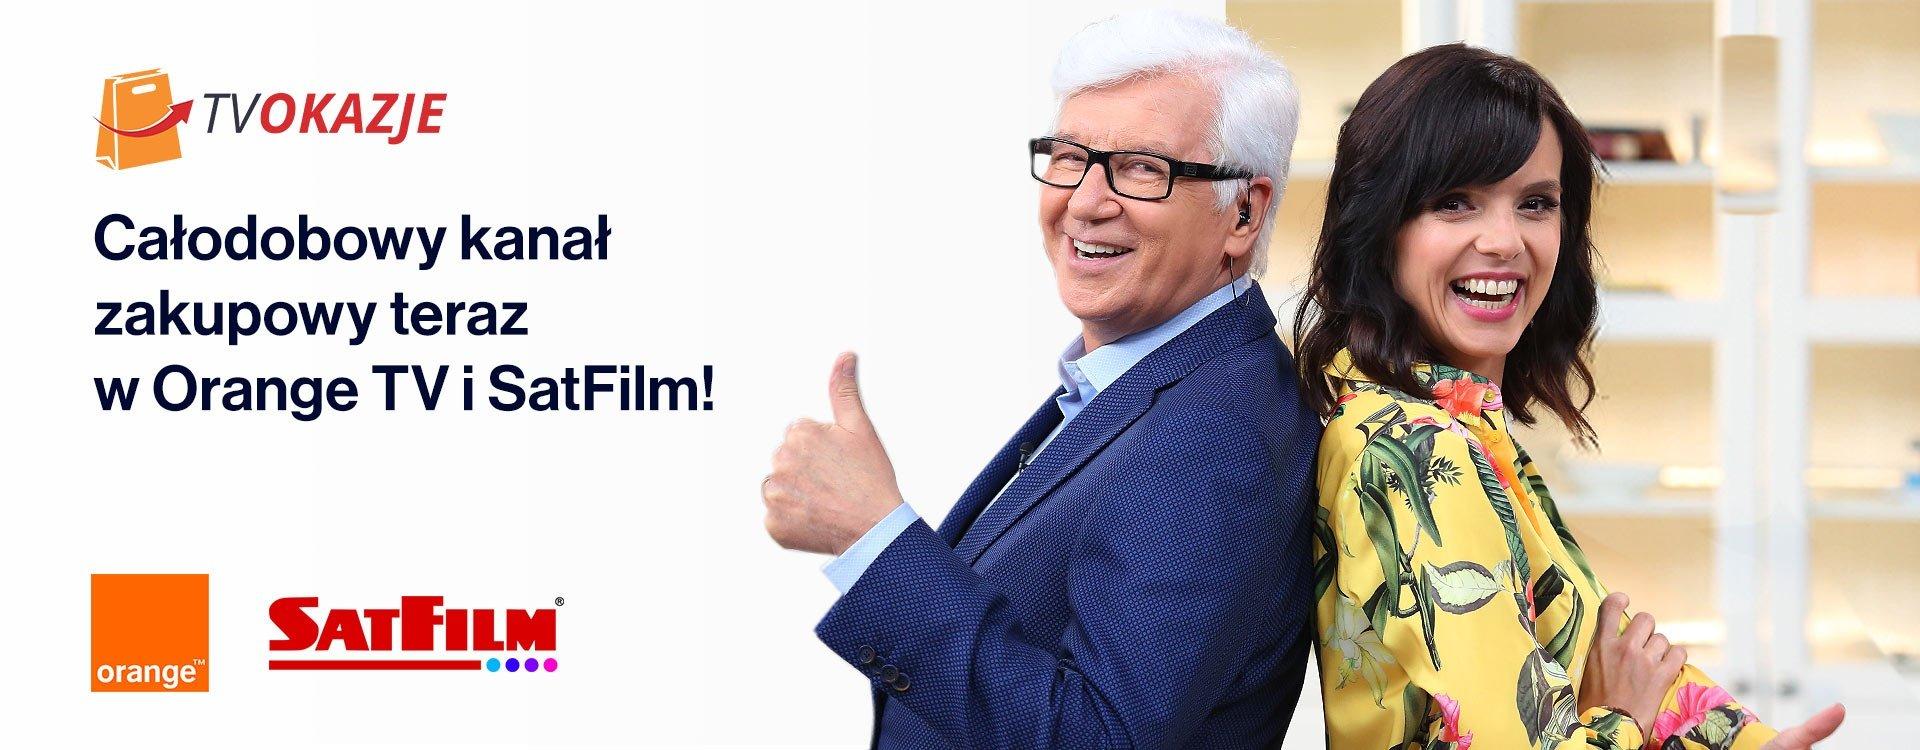 TV Okazje - całodobowy kanał zakupowy teraz w Orange TV i SatFilm!